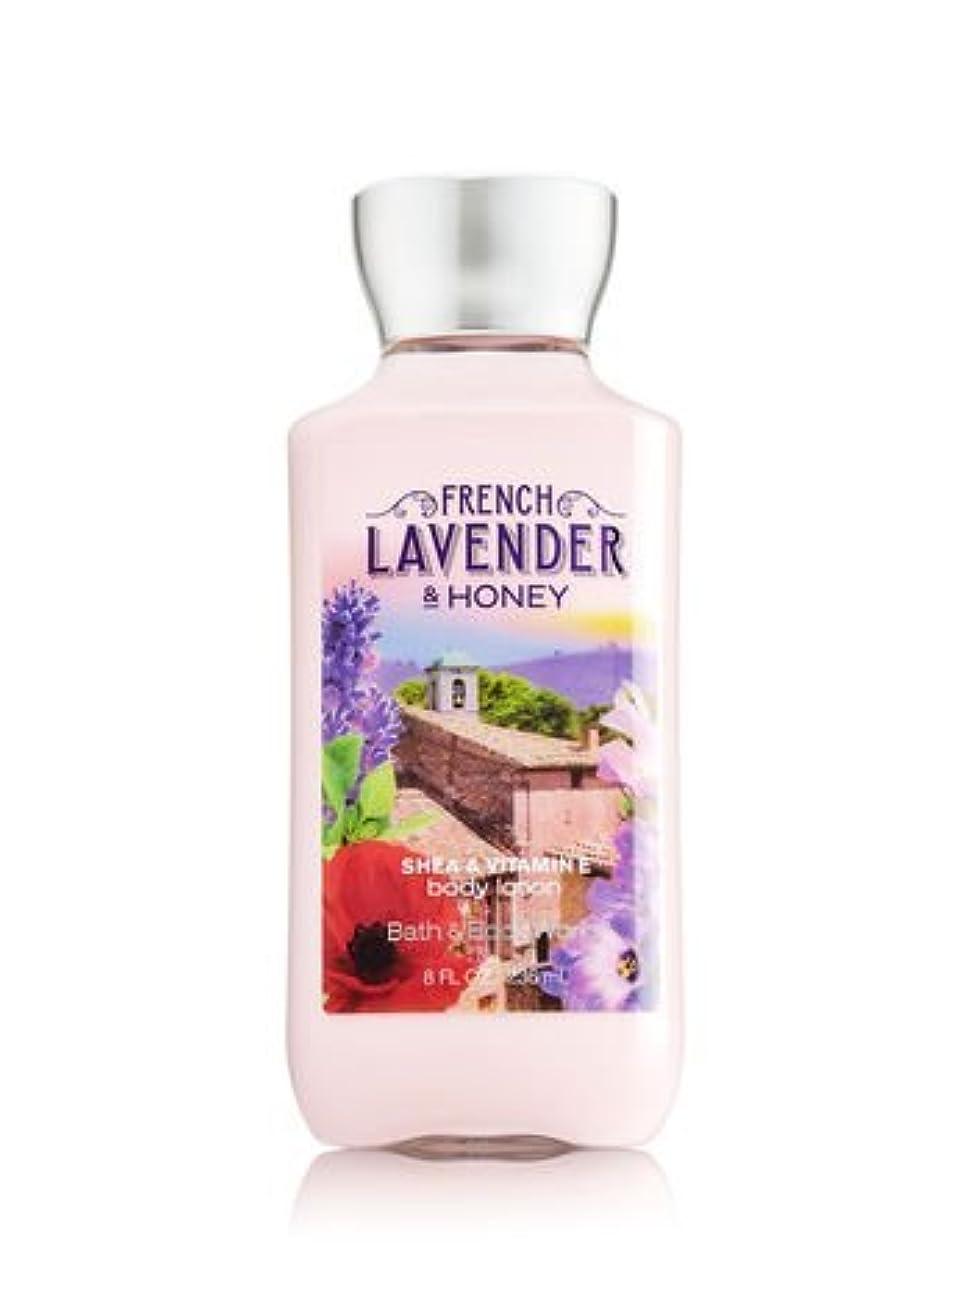 同一性オプショナル満足させる【Bath&Body Works/バス&ボディワークス】 ボディローション フレンチラベンダー&ハニー Body Lotion French Lavender & Honey 8 fl oz / 236 mL [並行輸入品]